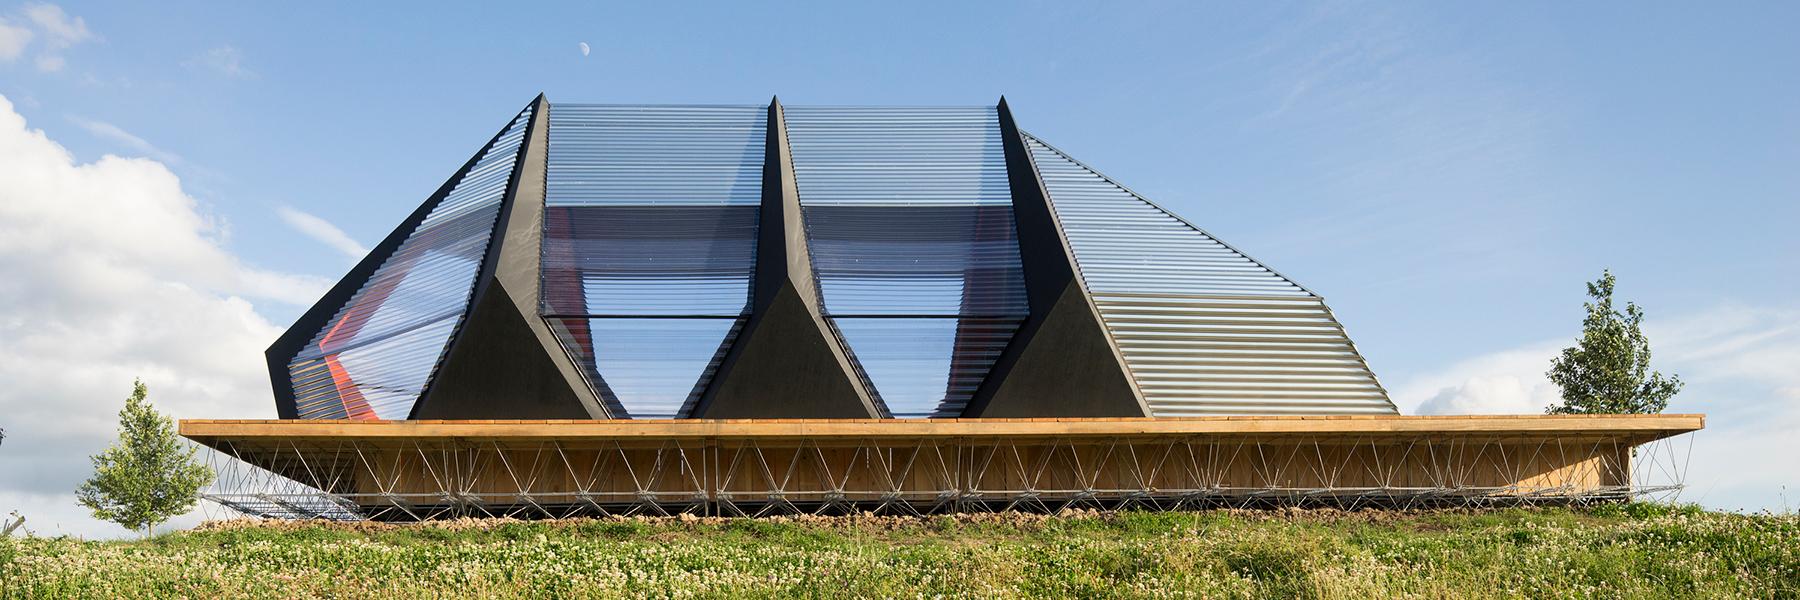 Временное строение создано для встреч и небольших выставок. Его легко разобрать и перевести в другое